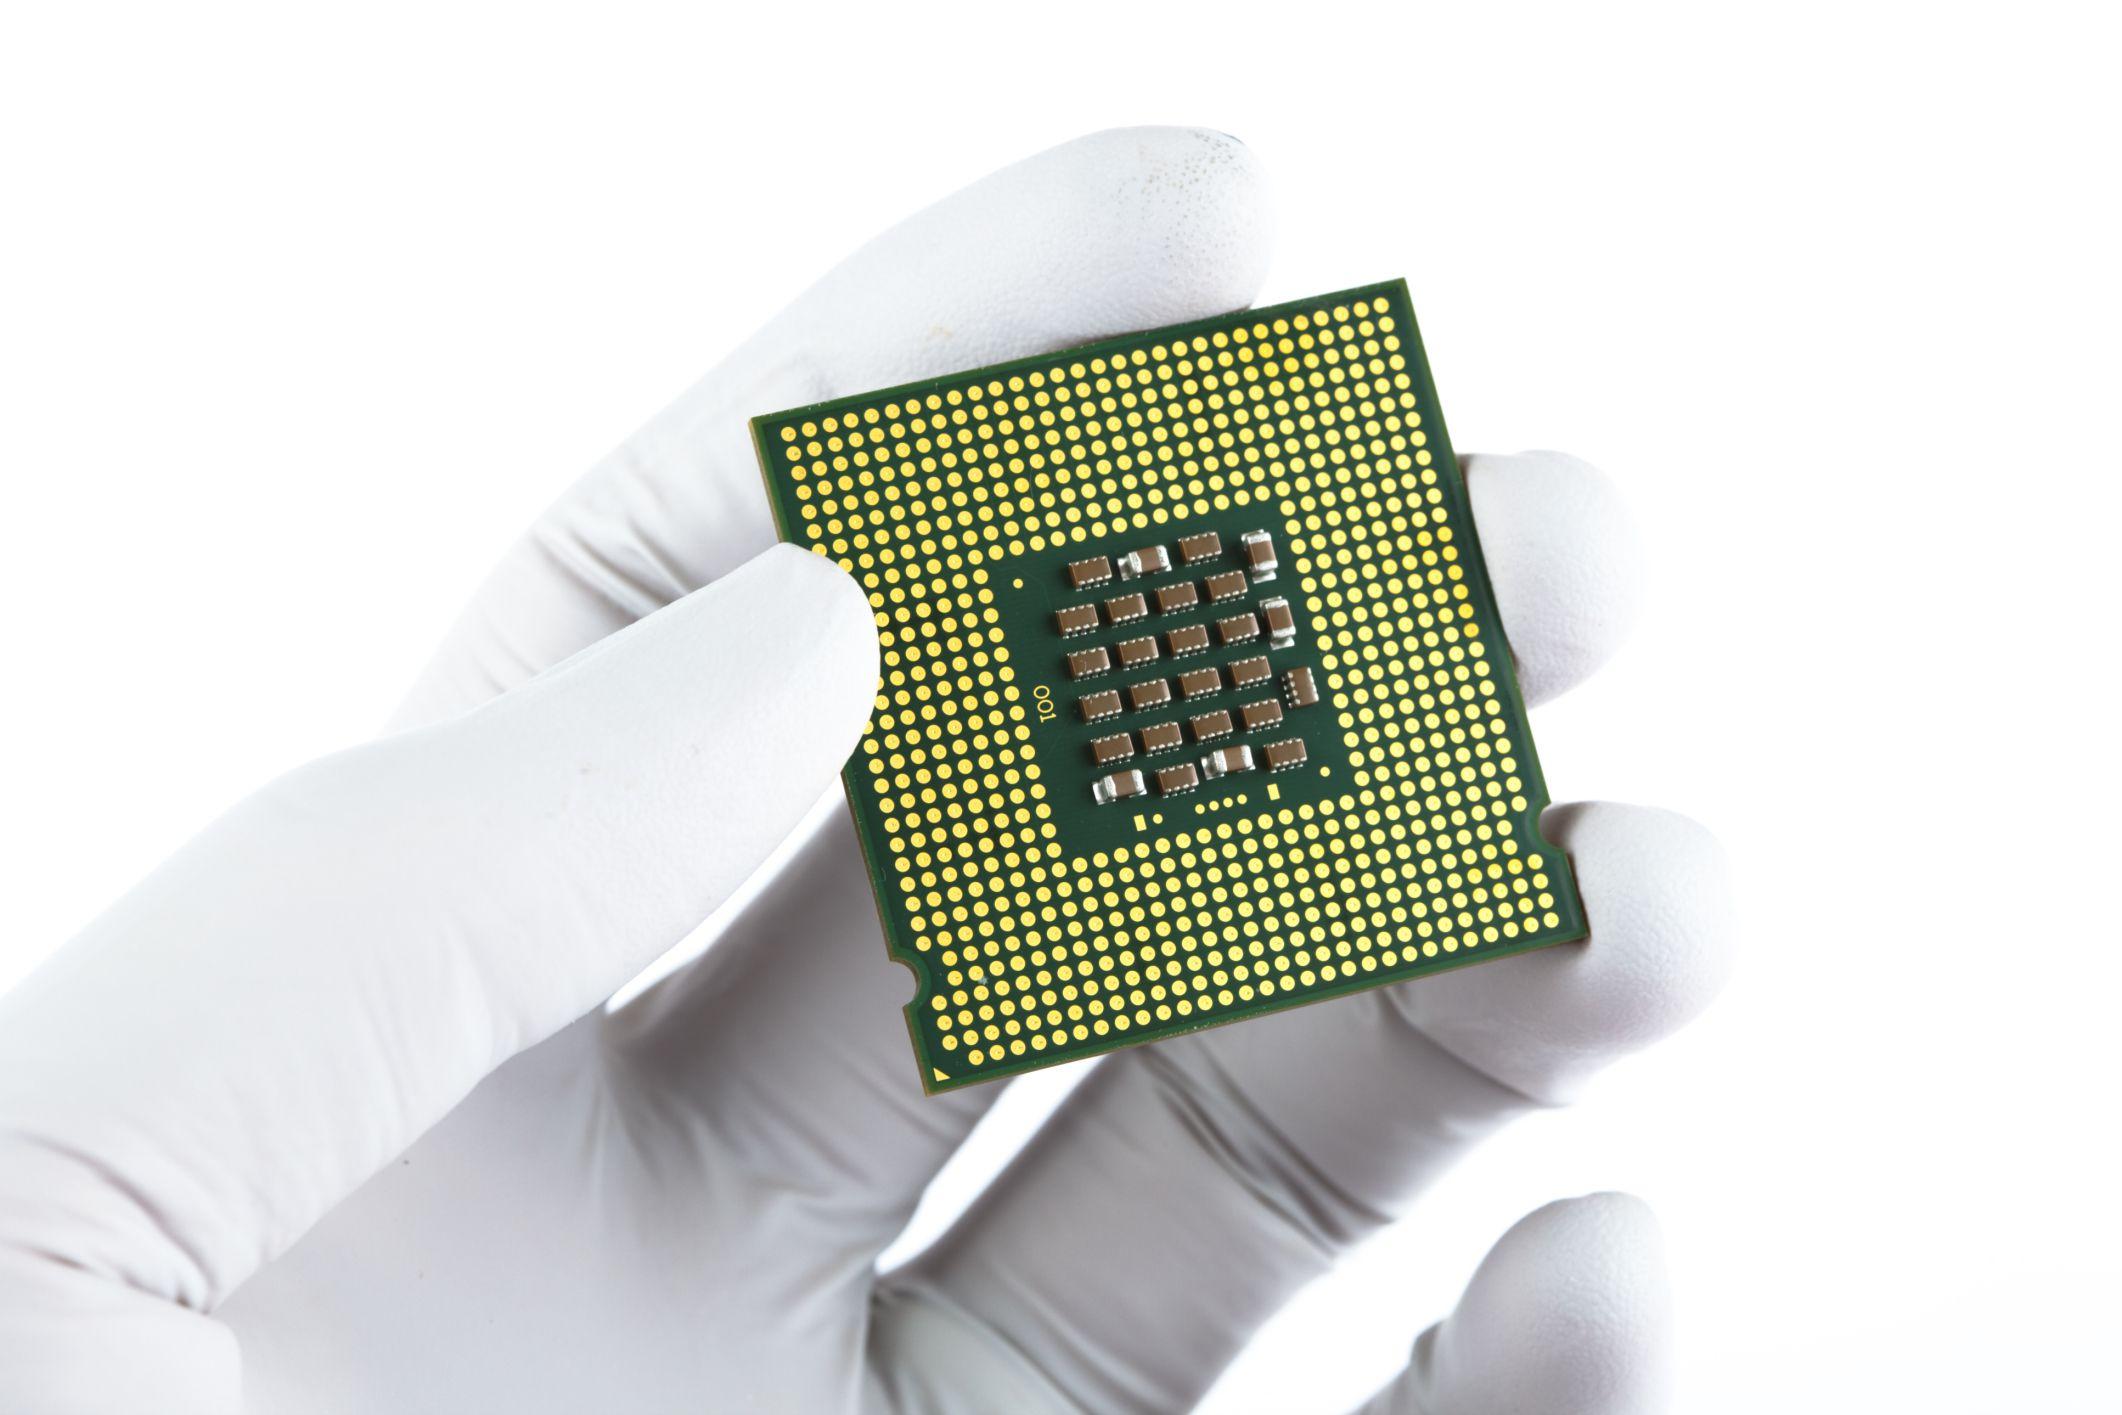 Memoria cache del procesador qu es y para qu sirve for Que es un procesador de alimentos